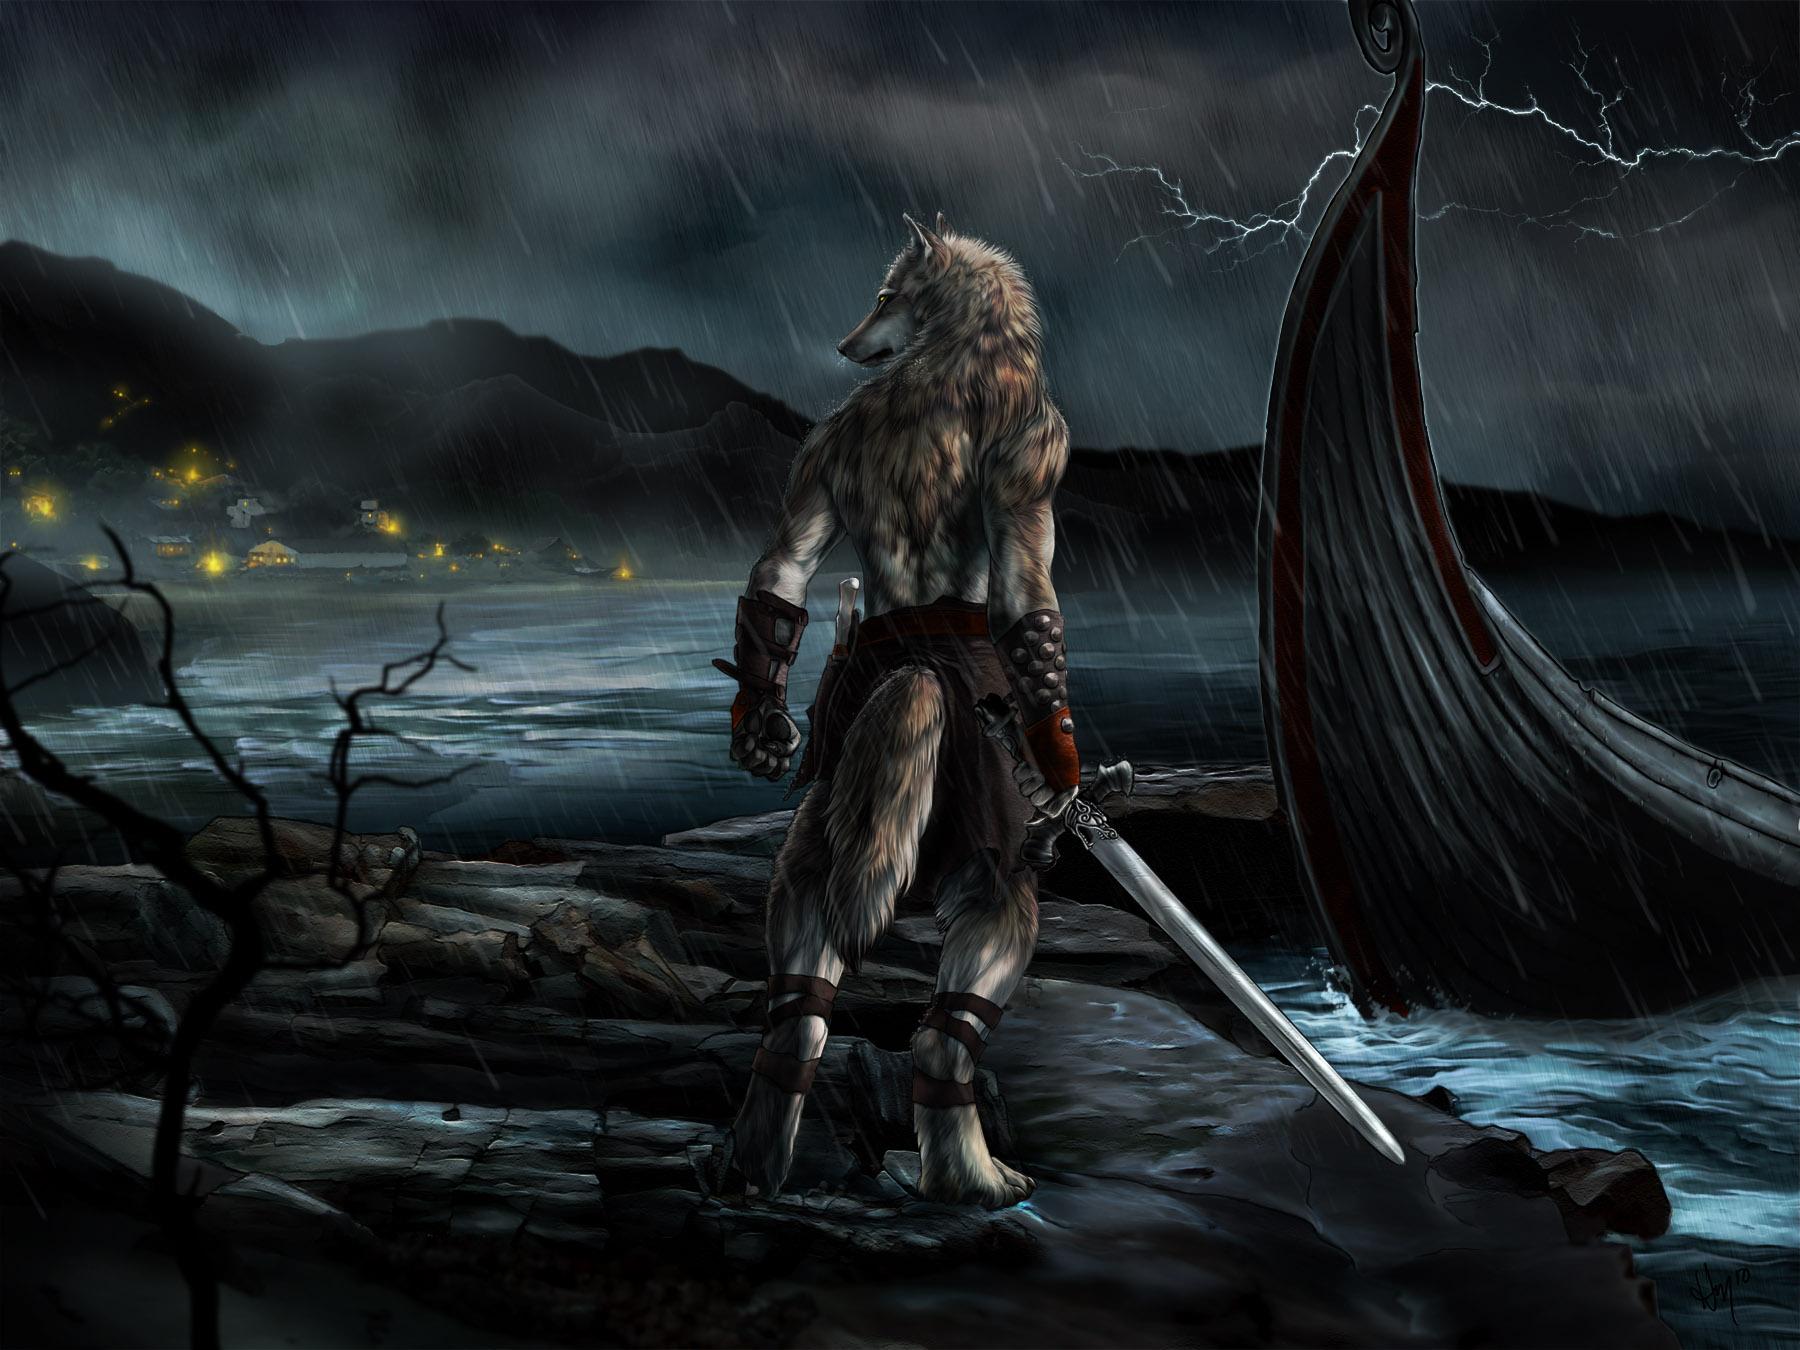 Dark Werewolf Wallpaper 1800x1350 Dark Werewolf 1800x1350